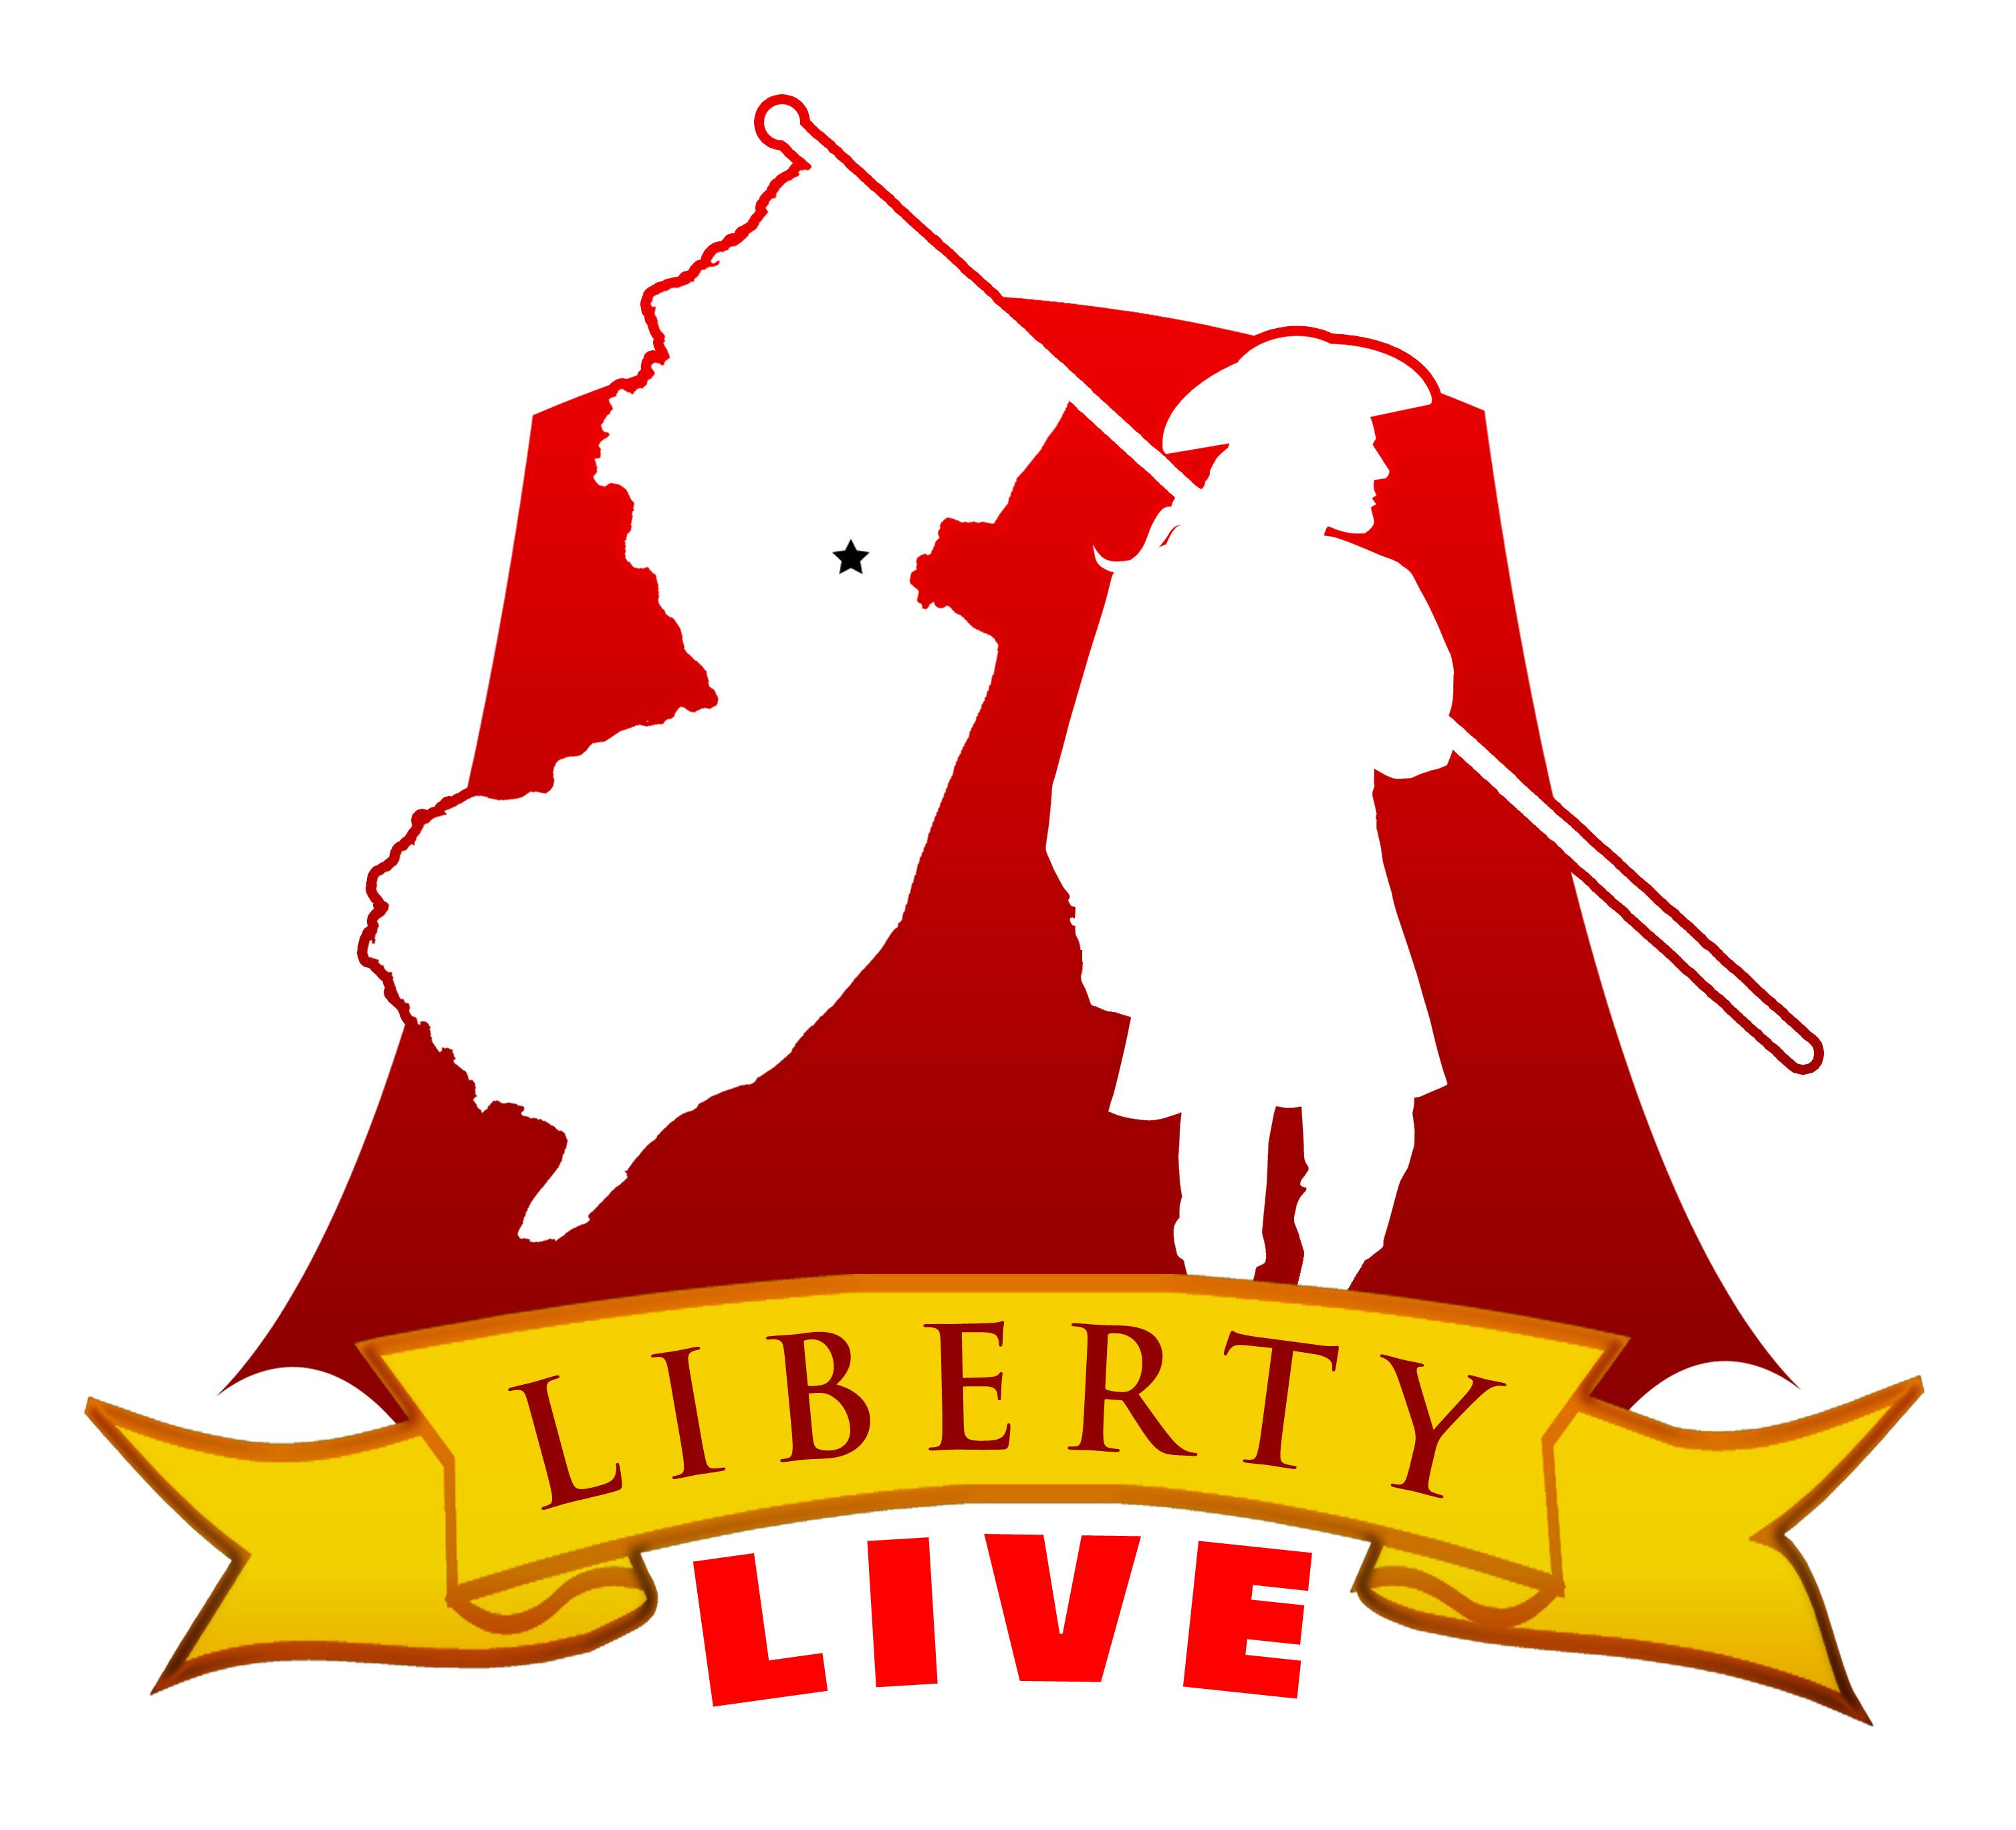 5f36f3a3ab63050aeff6_libertylive_logo.jpg